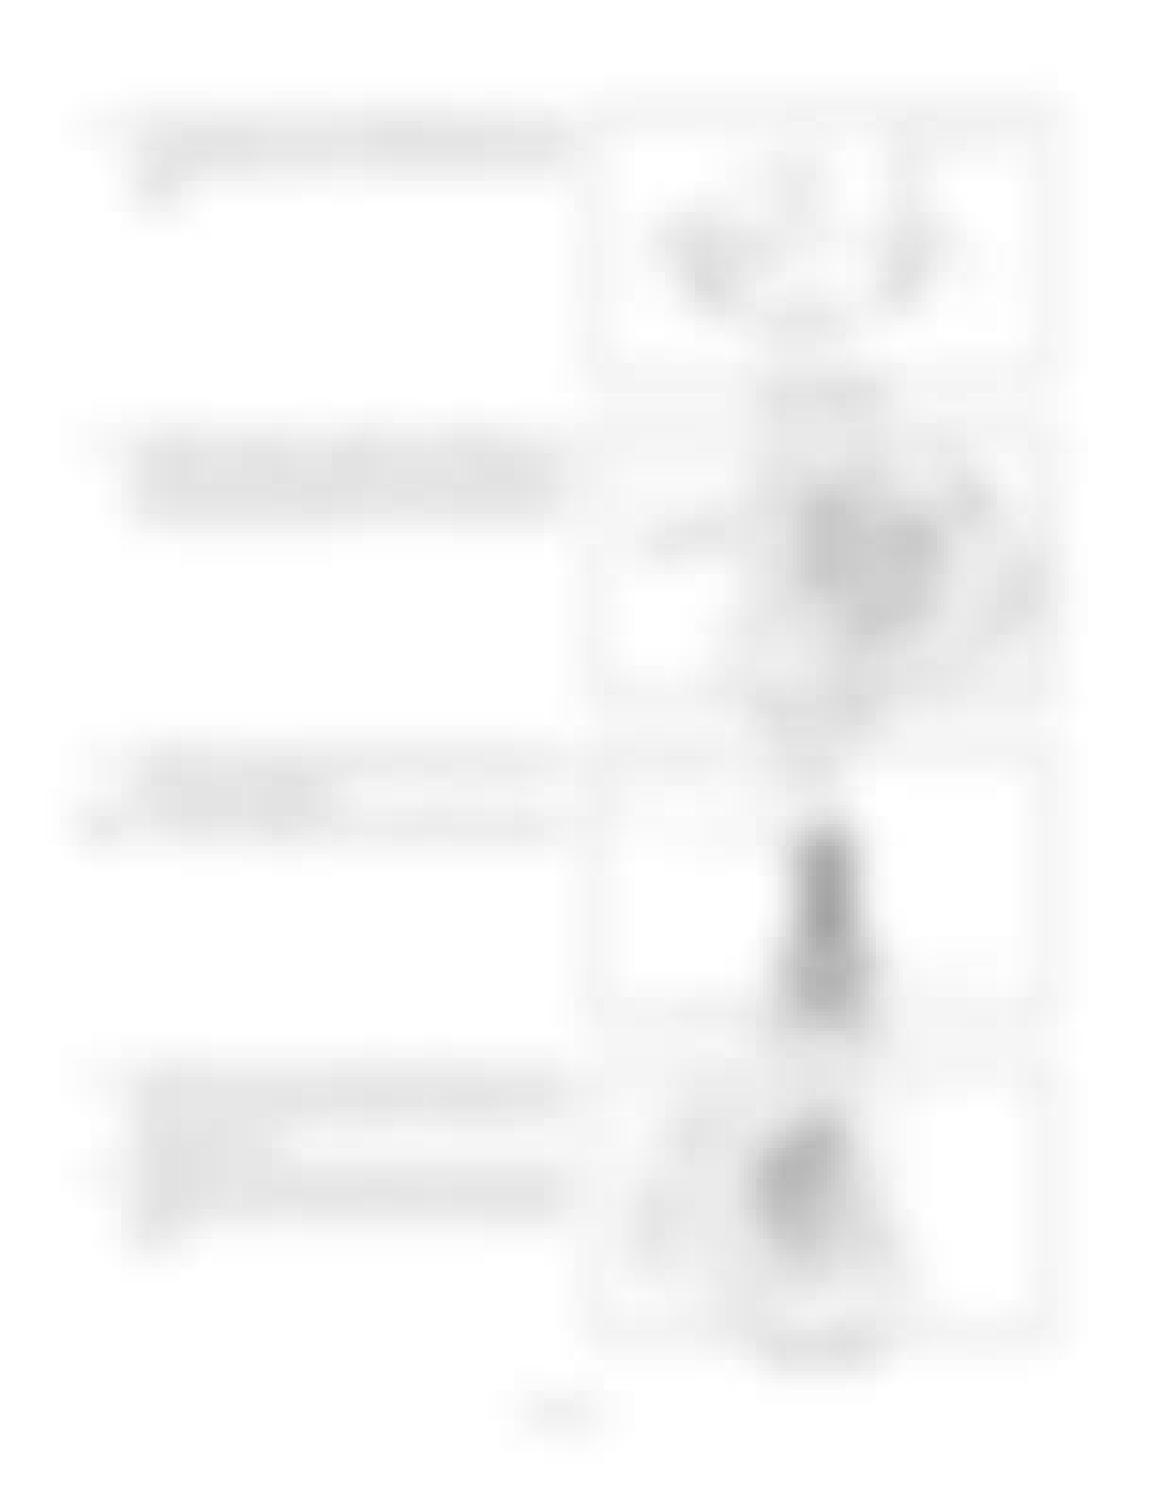 Hitachi LX110-7 LX130-7 LX160-7 LX190-7 LX230-7 Wheel Loader Workshop Manual - PDF DOWNLOAD page 242